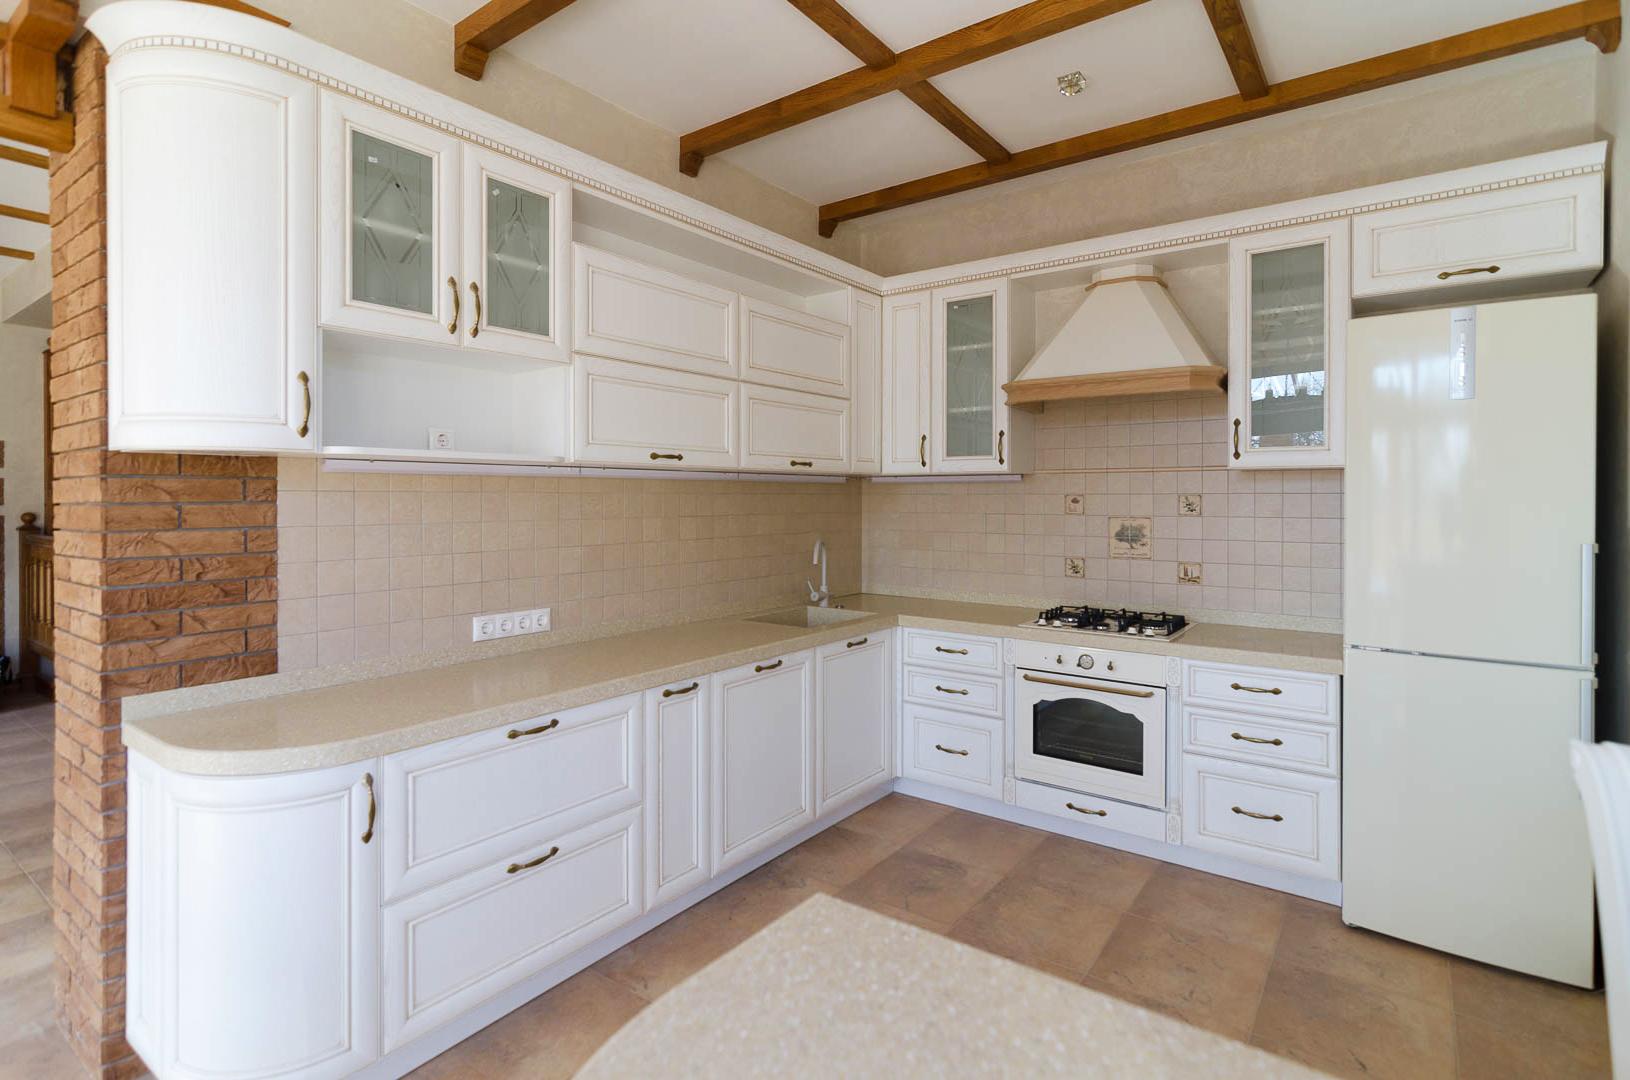 Светлая кухня из массива дерева